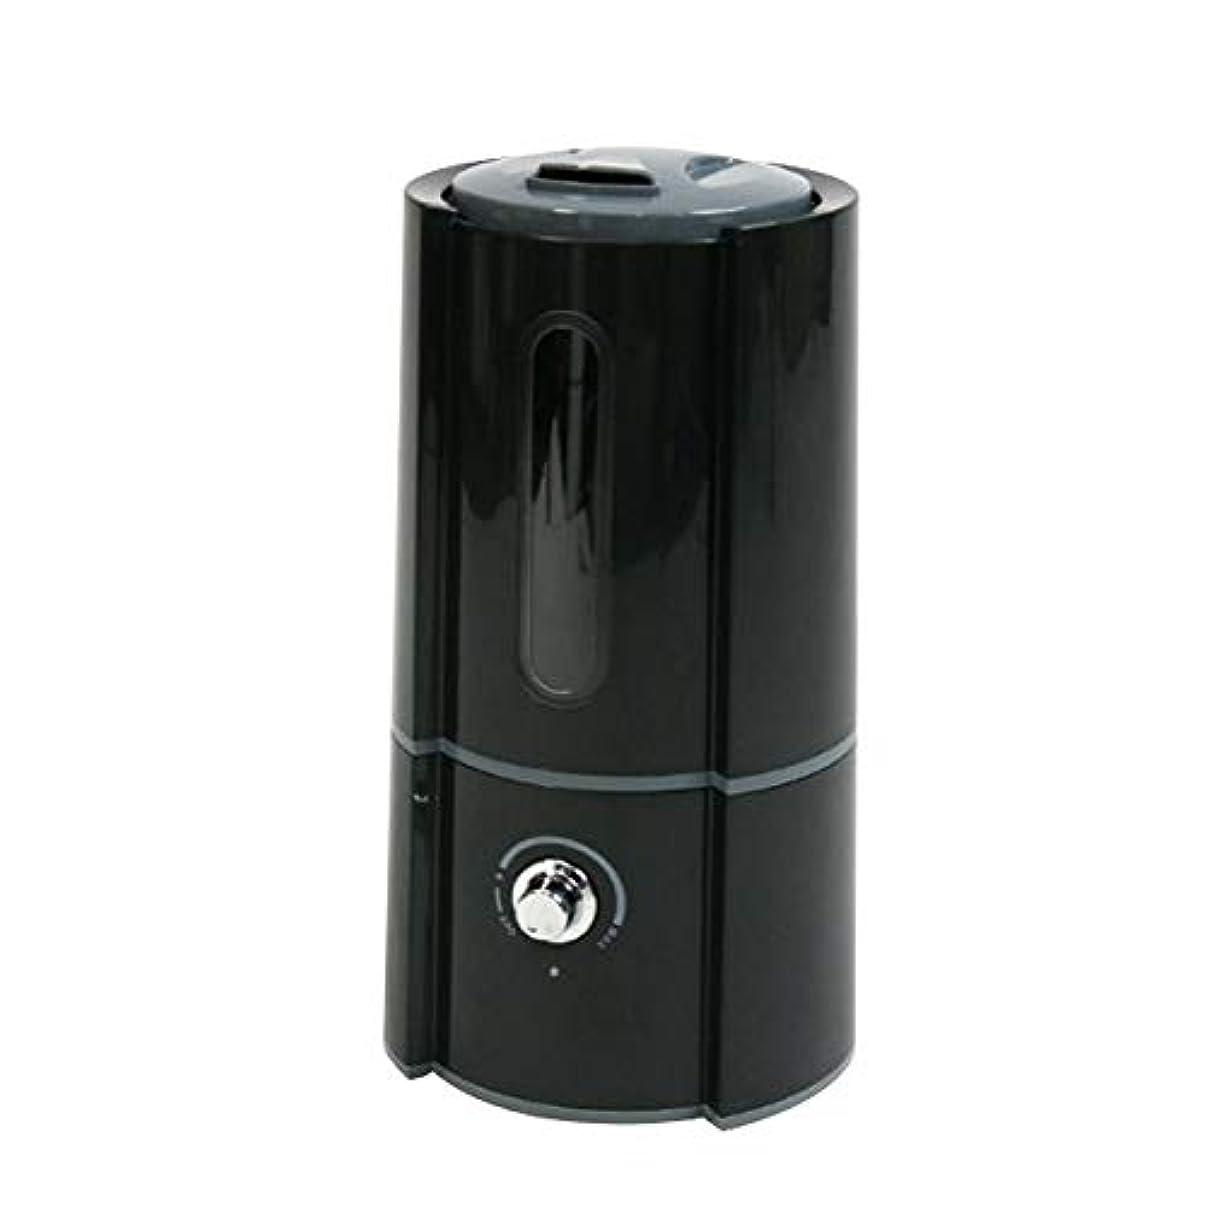 うつじゃない翻訳する加湿器 超音波式 大容量 2.5L 400ml/h DOLCE 卓上 オフィス ディフューザー 加湿量調節 ブラック